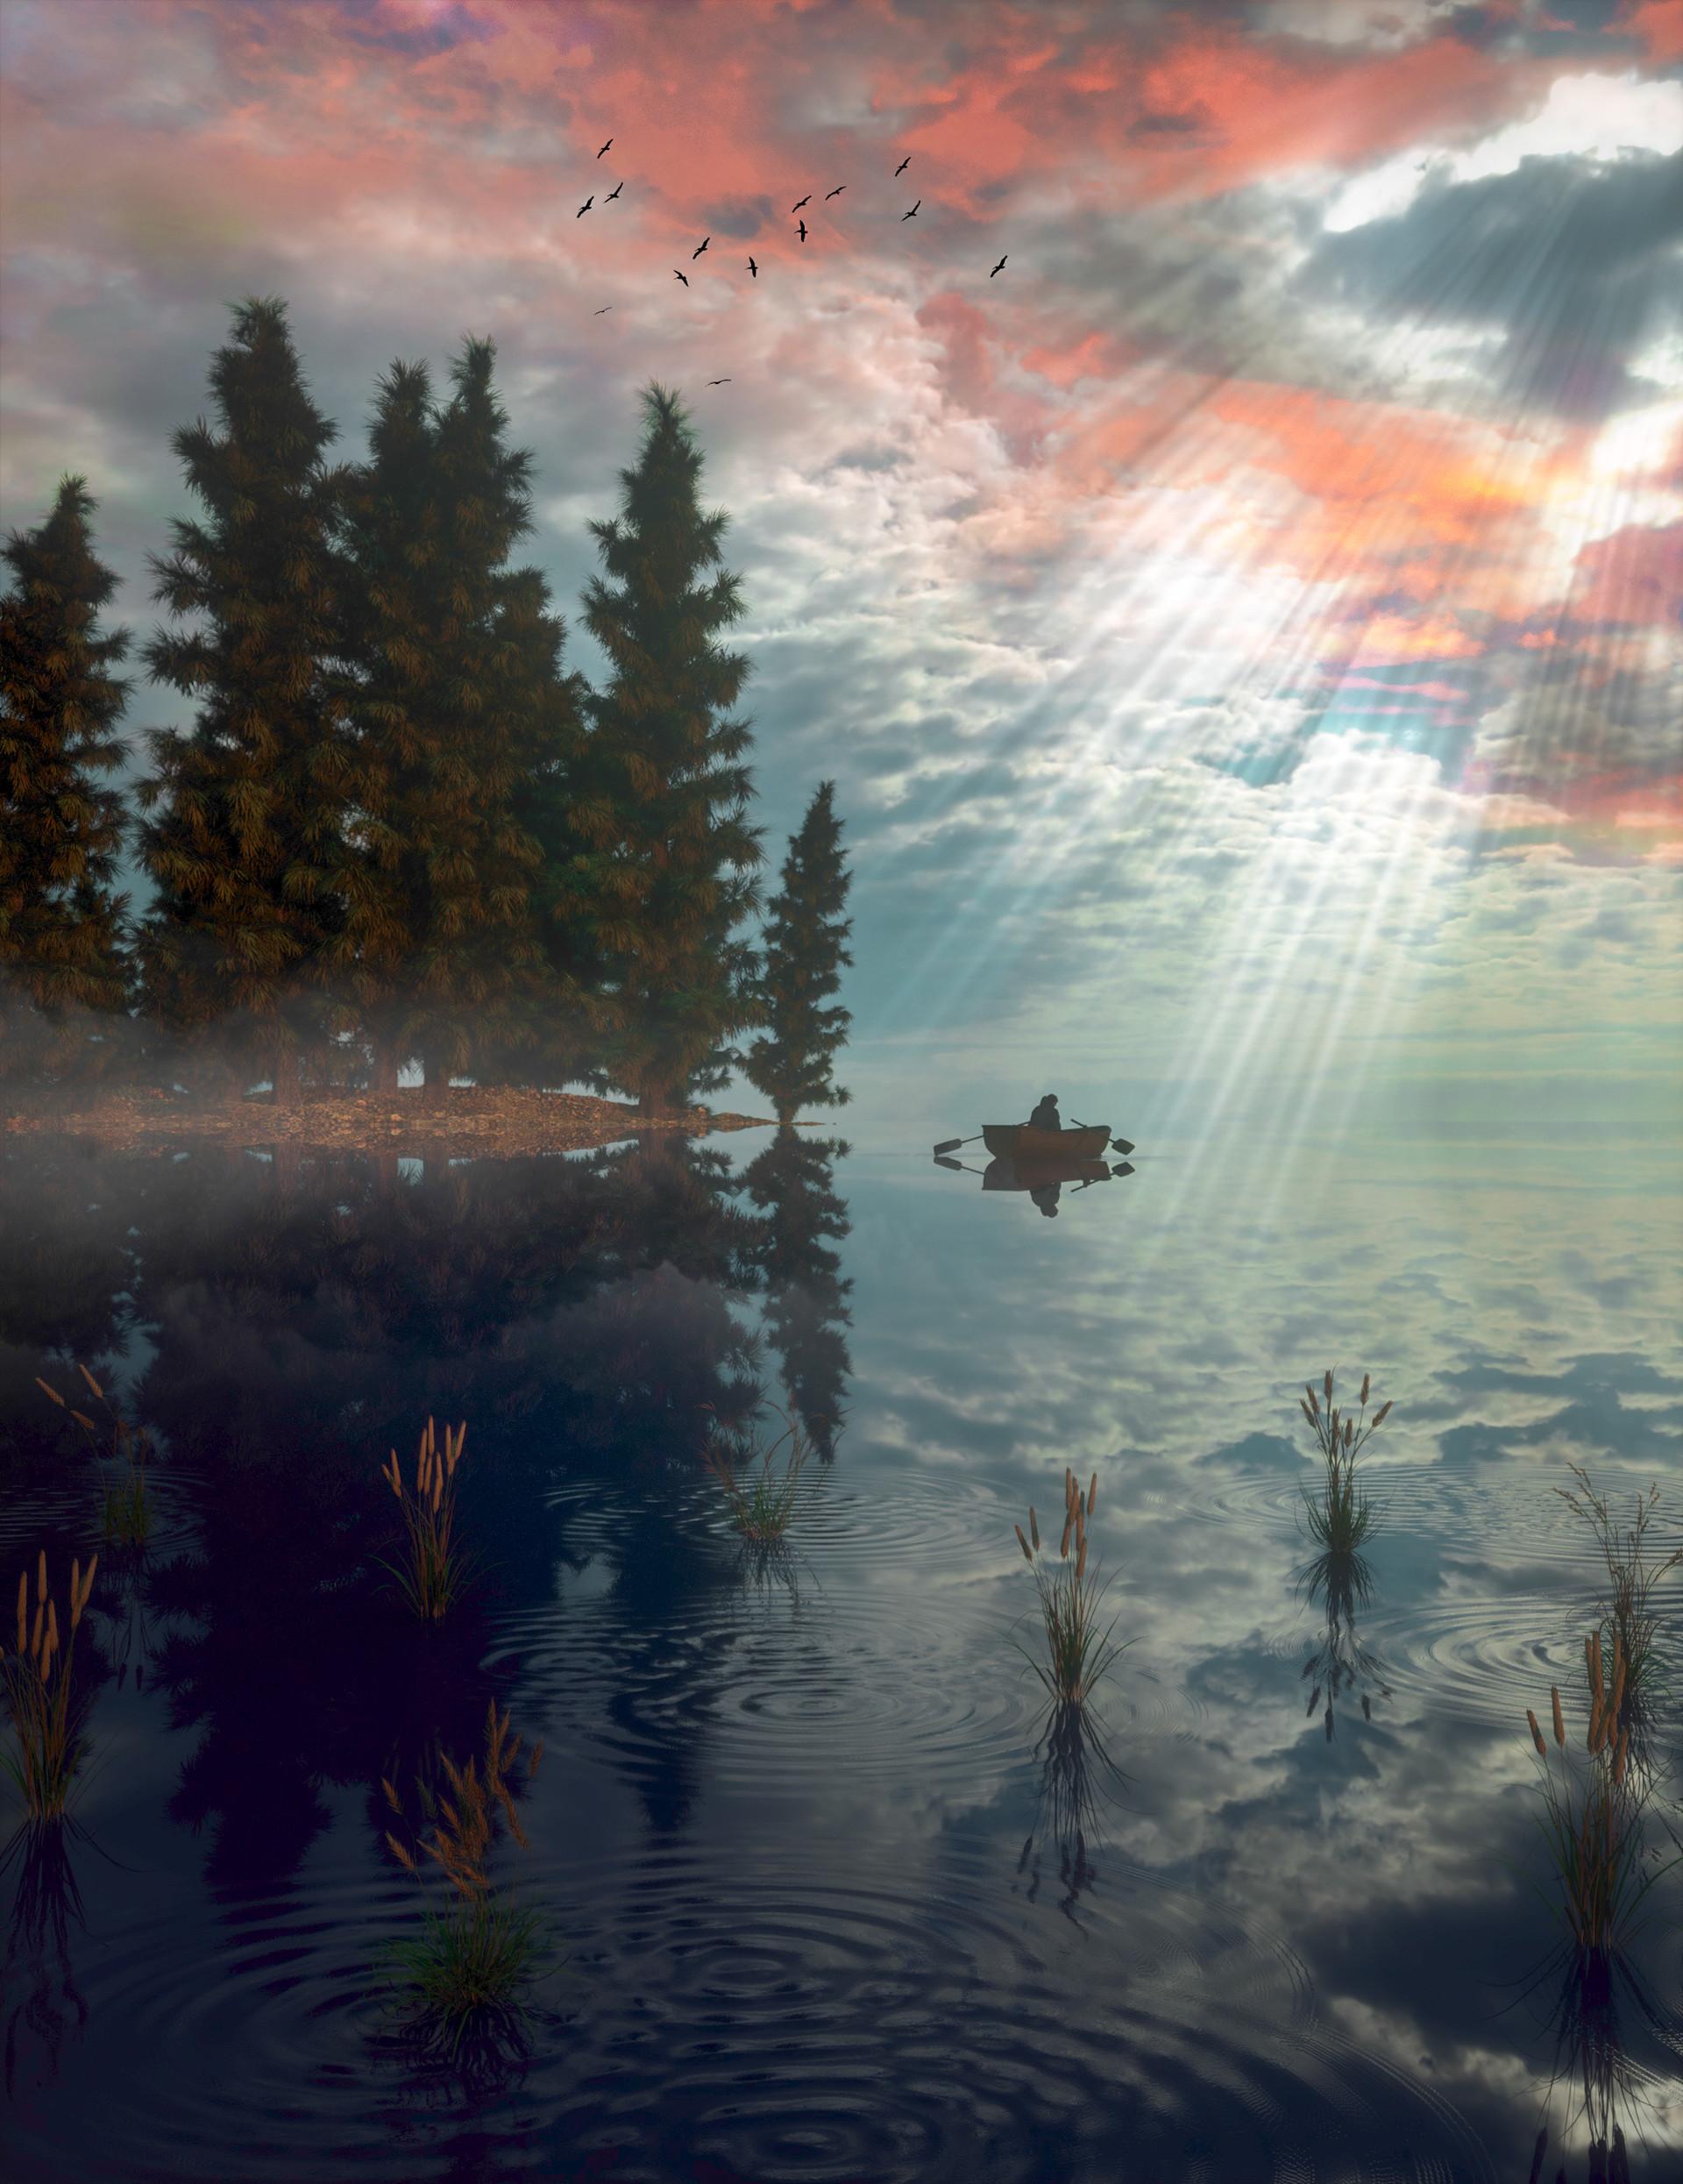 86777 скачать обои Арт, Лодка, Природа, Деревья, Озеро, Туман - заставки и картинки бесплатно